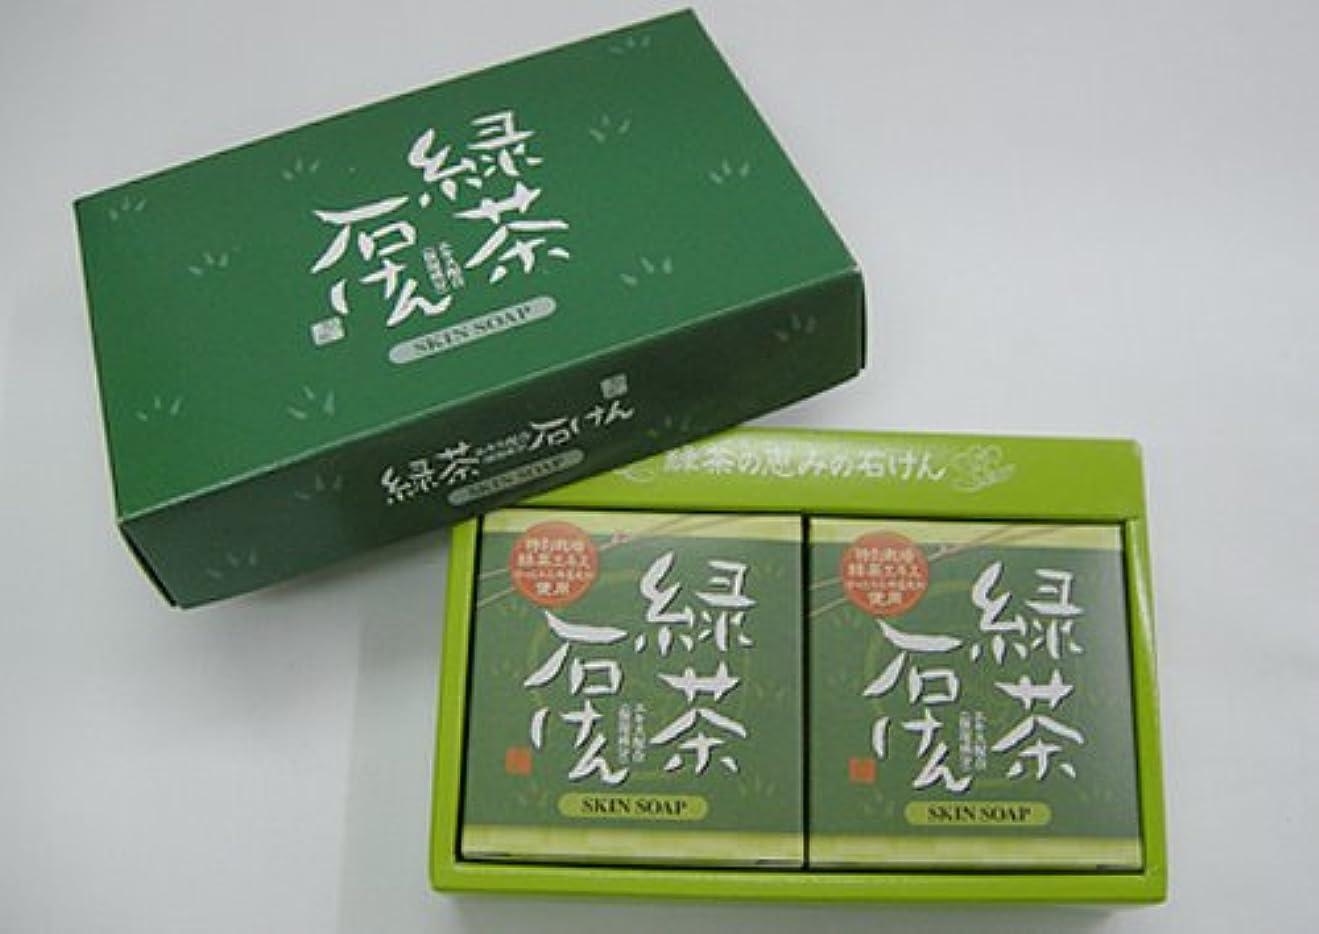 パーセント肺炎咳緑茶せっけん(緑茶エキス配合石けん)2ヶ入り